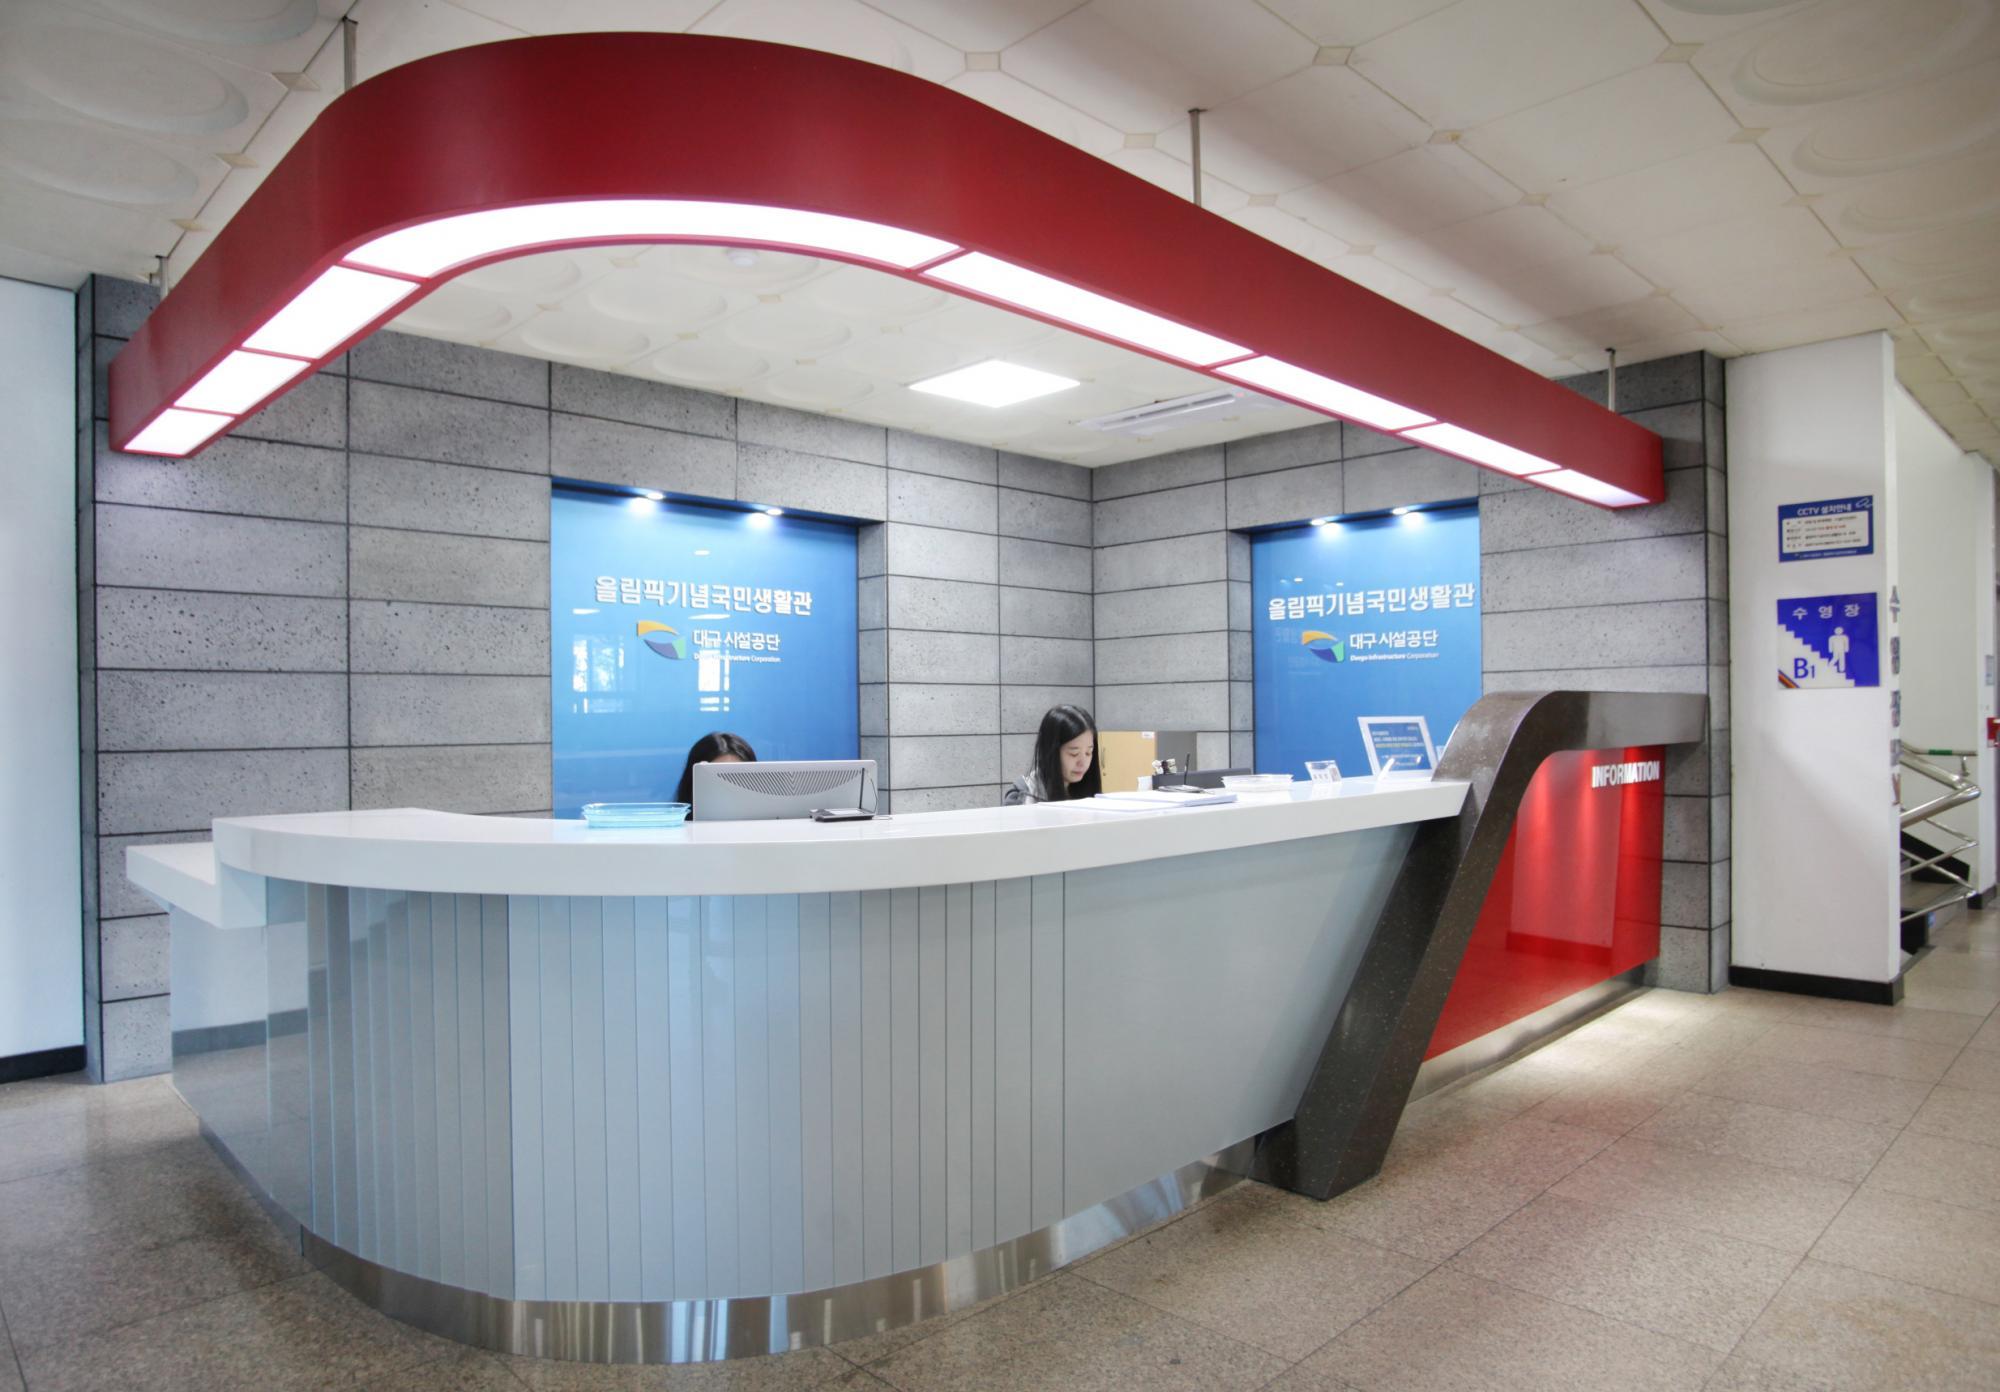 올림픽기념국민생활관 리모델링 - 로비